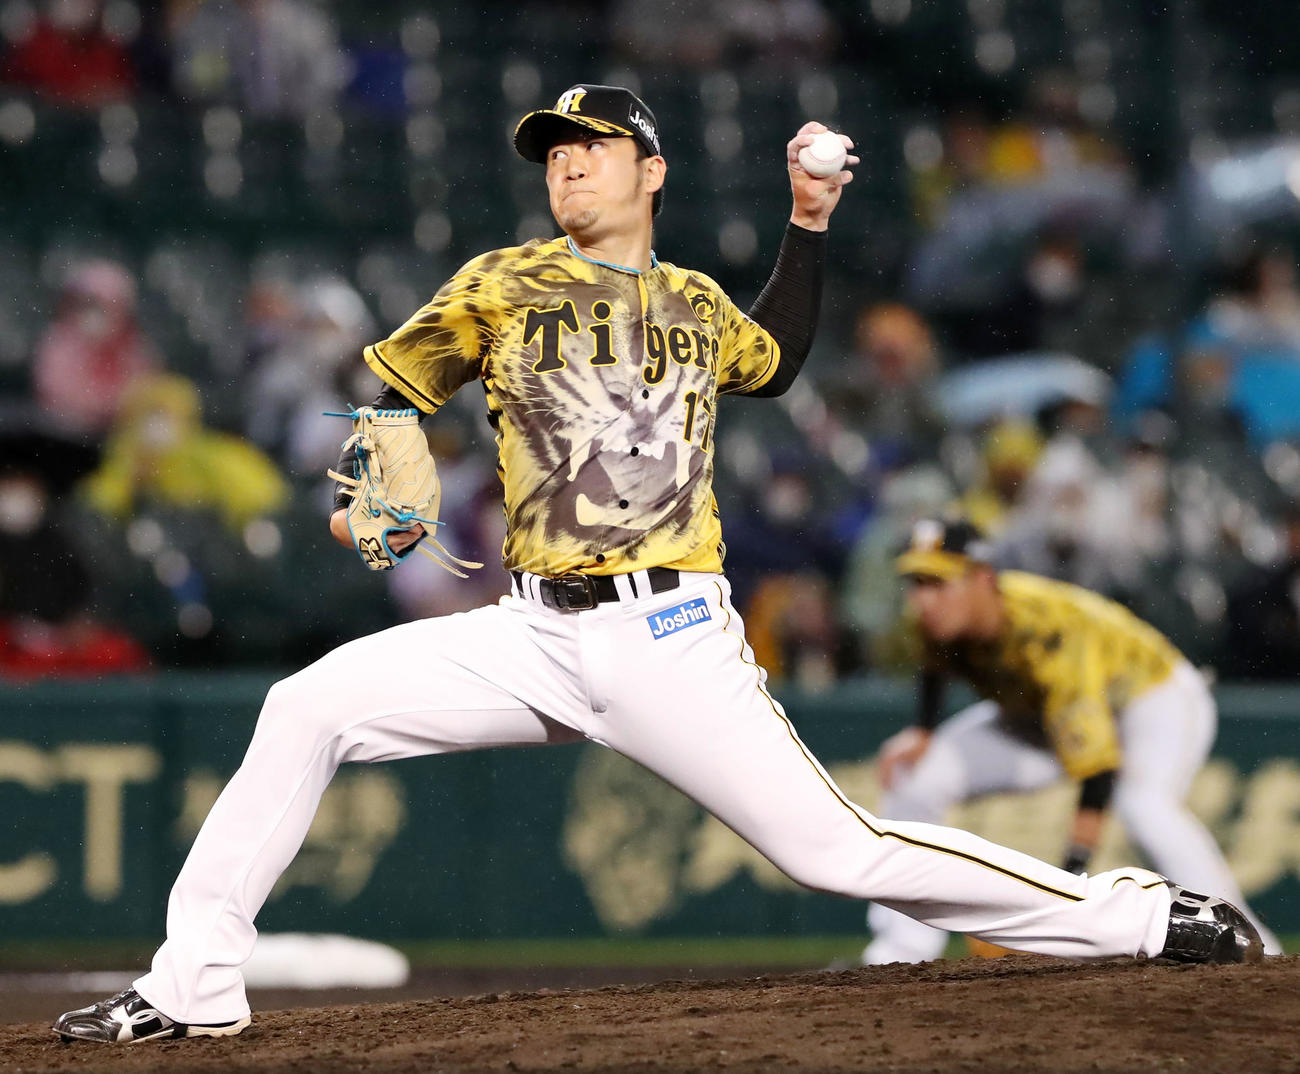 阪神対ヤクルト 7回表、阪神3番手で登板する岩貞(撮影・加藤哉